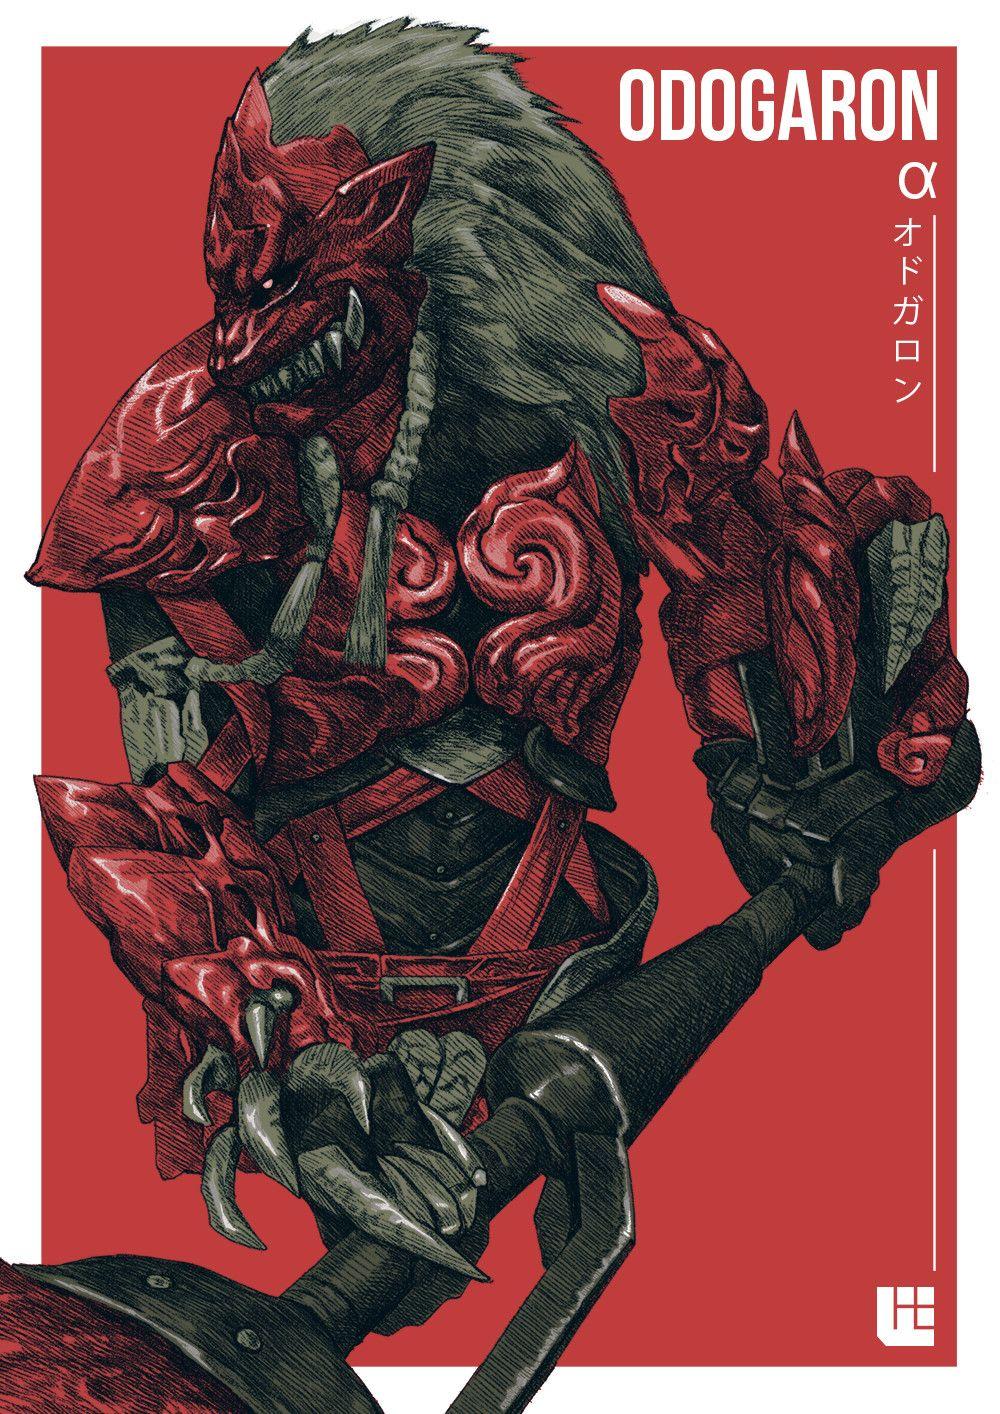 Pin by Mitchell Vogel on Monster hunter in 2019 | Monster hunter art